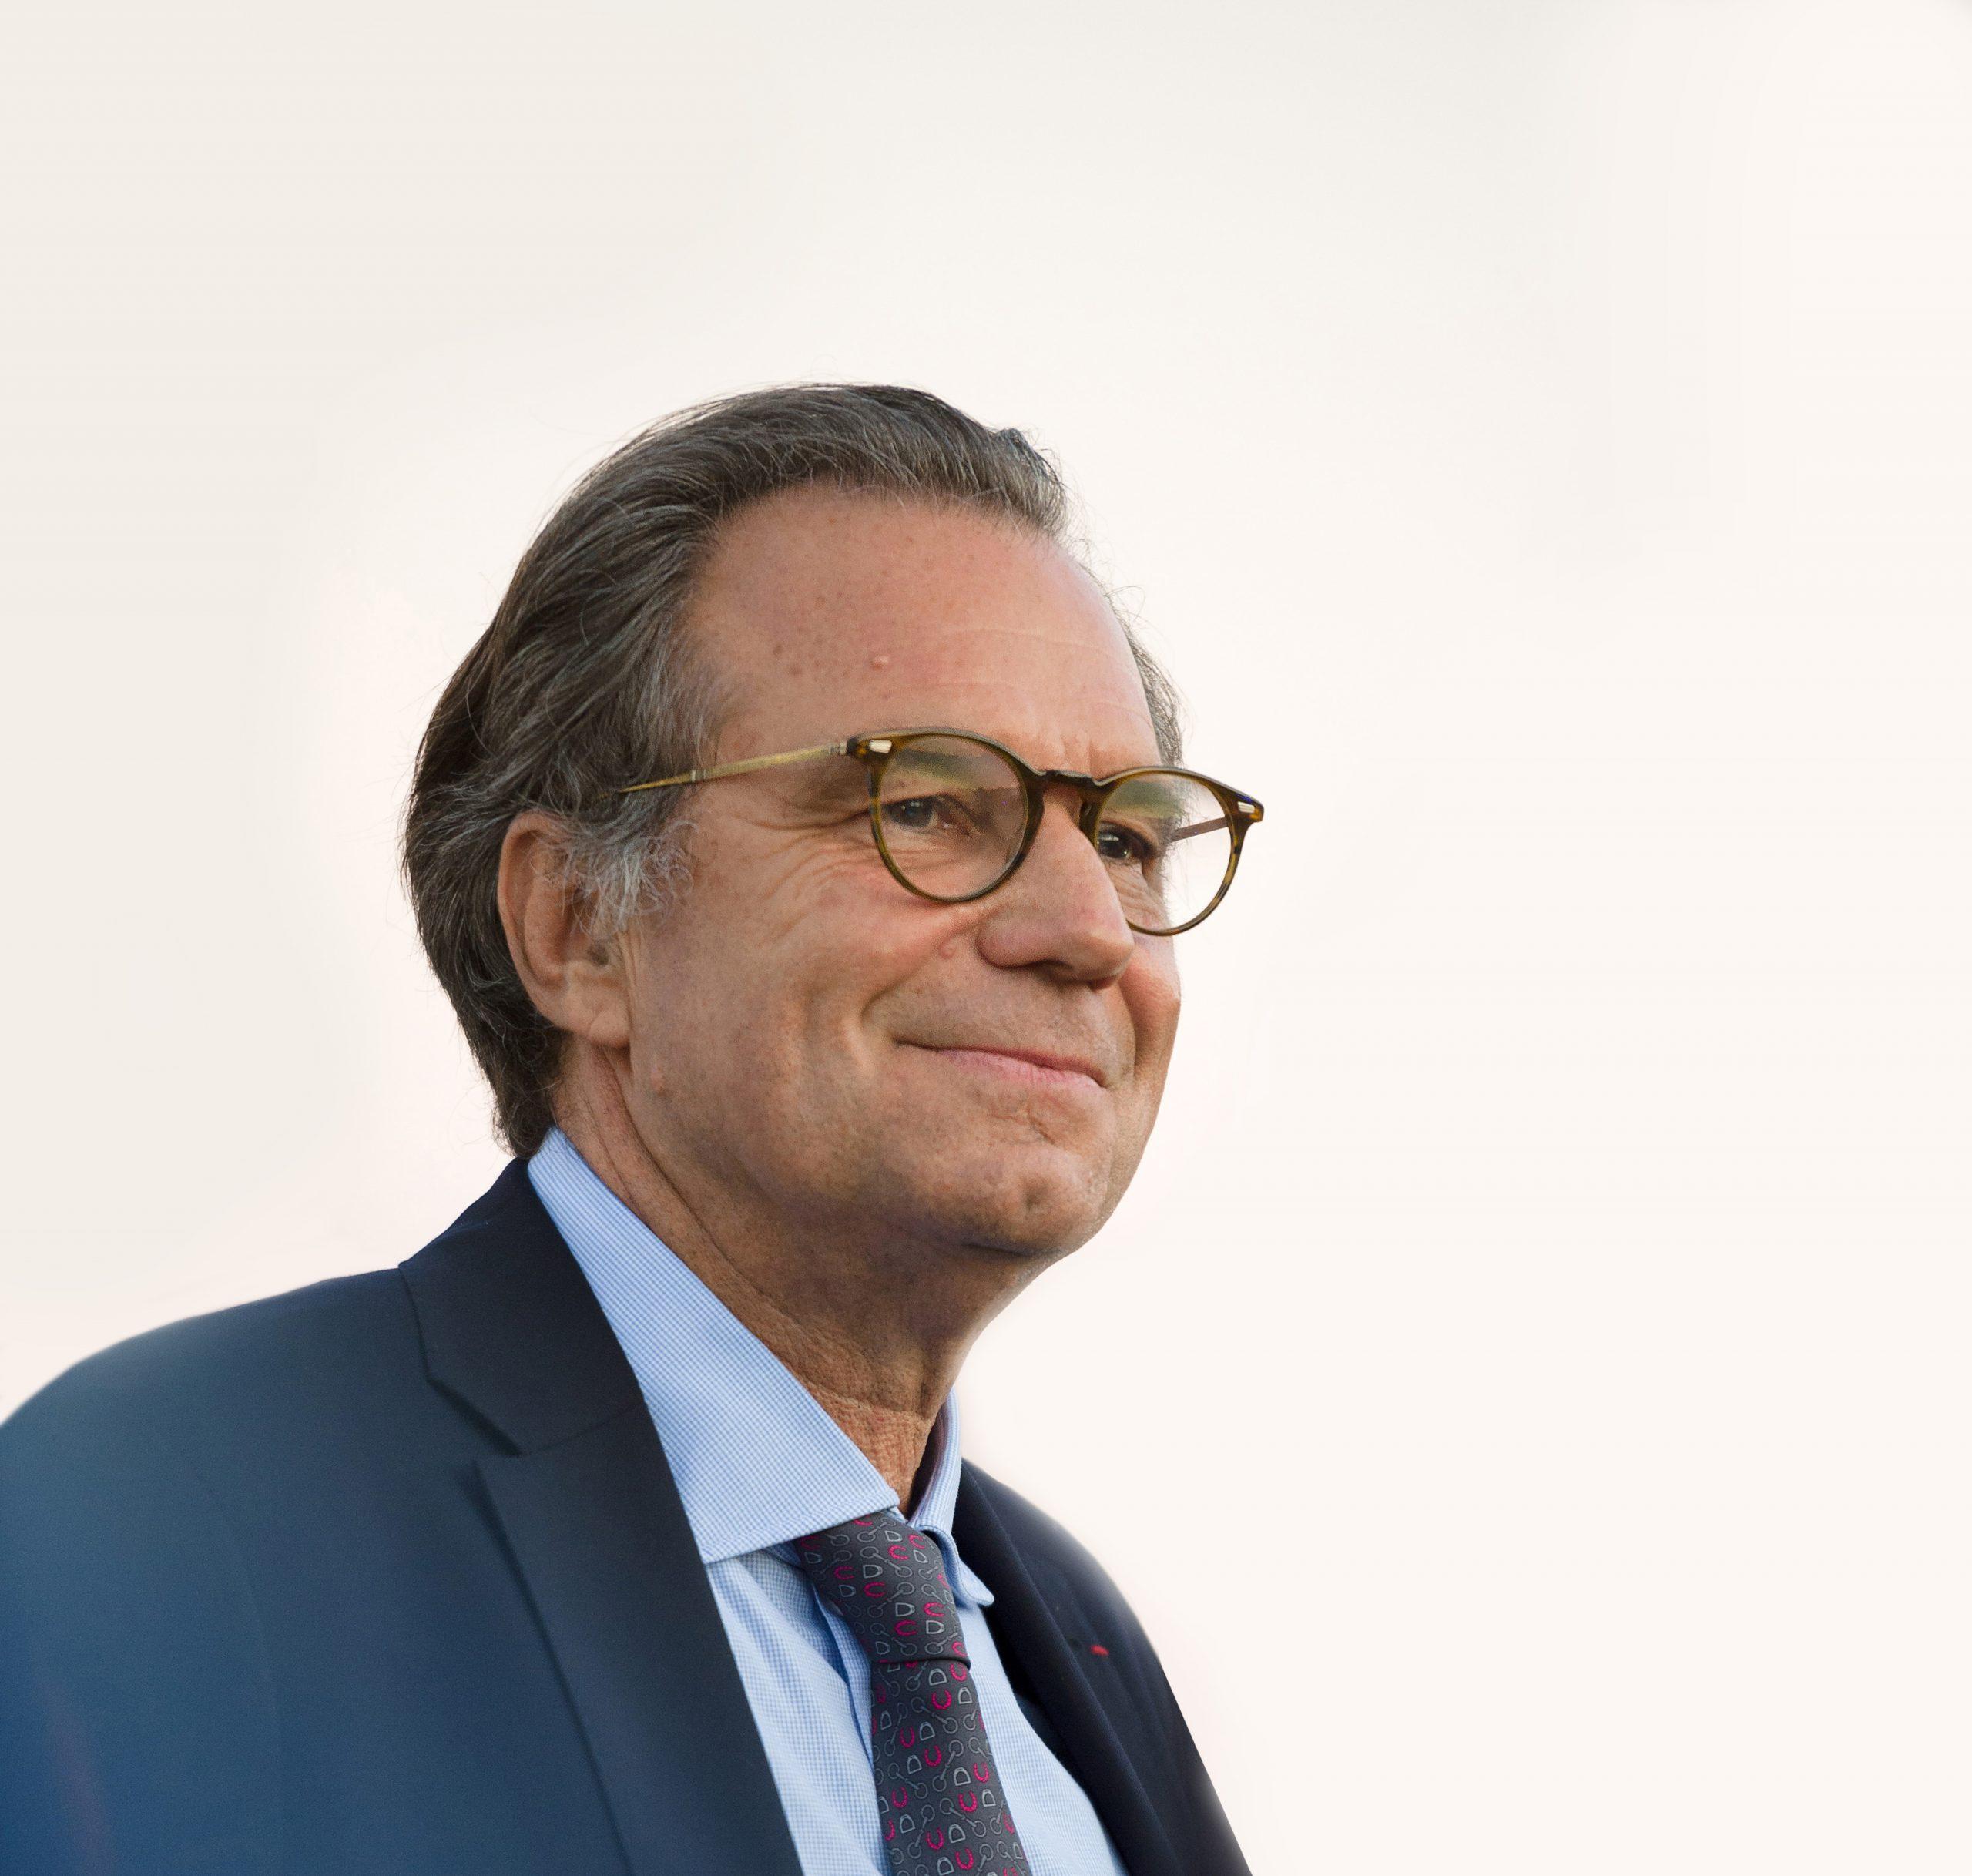 Régionales 2021 : Renaud Muselier gagne l'investiture LREM et perd aussitôt l'investiture LR